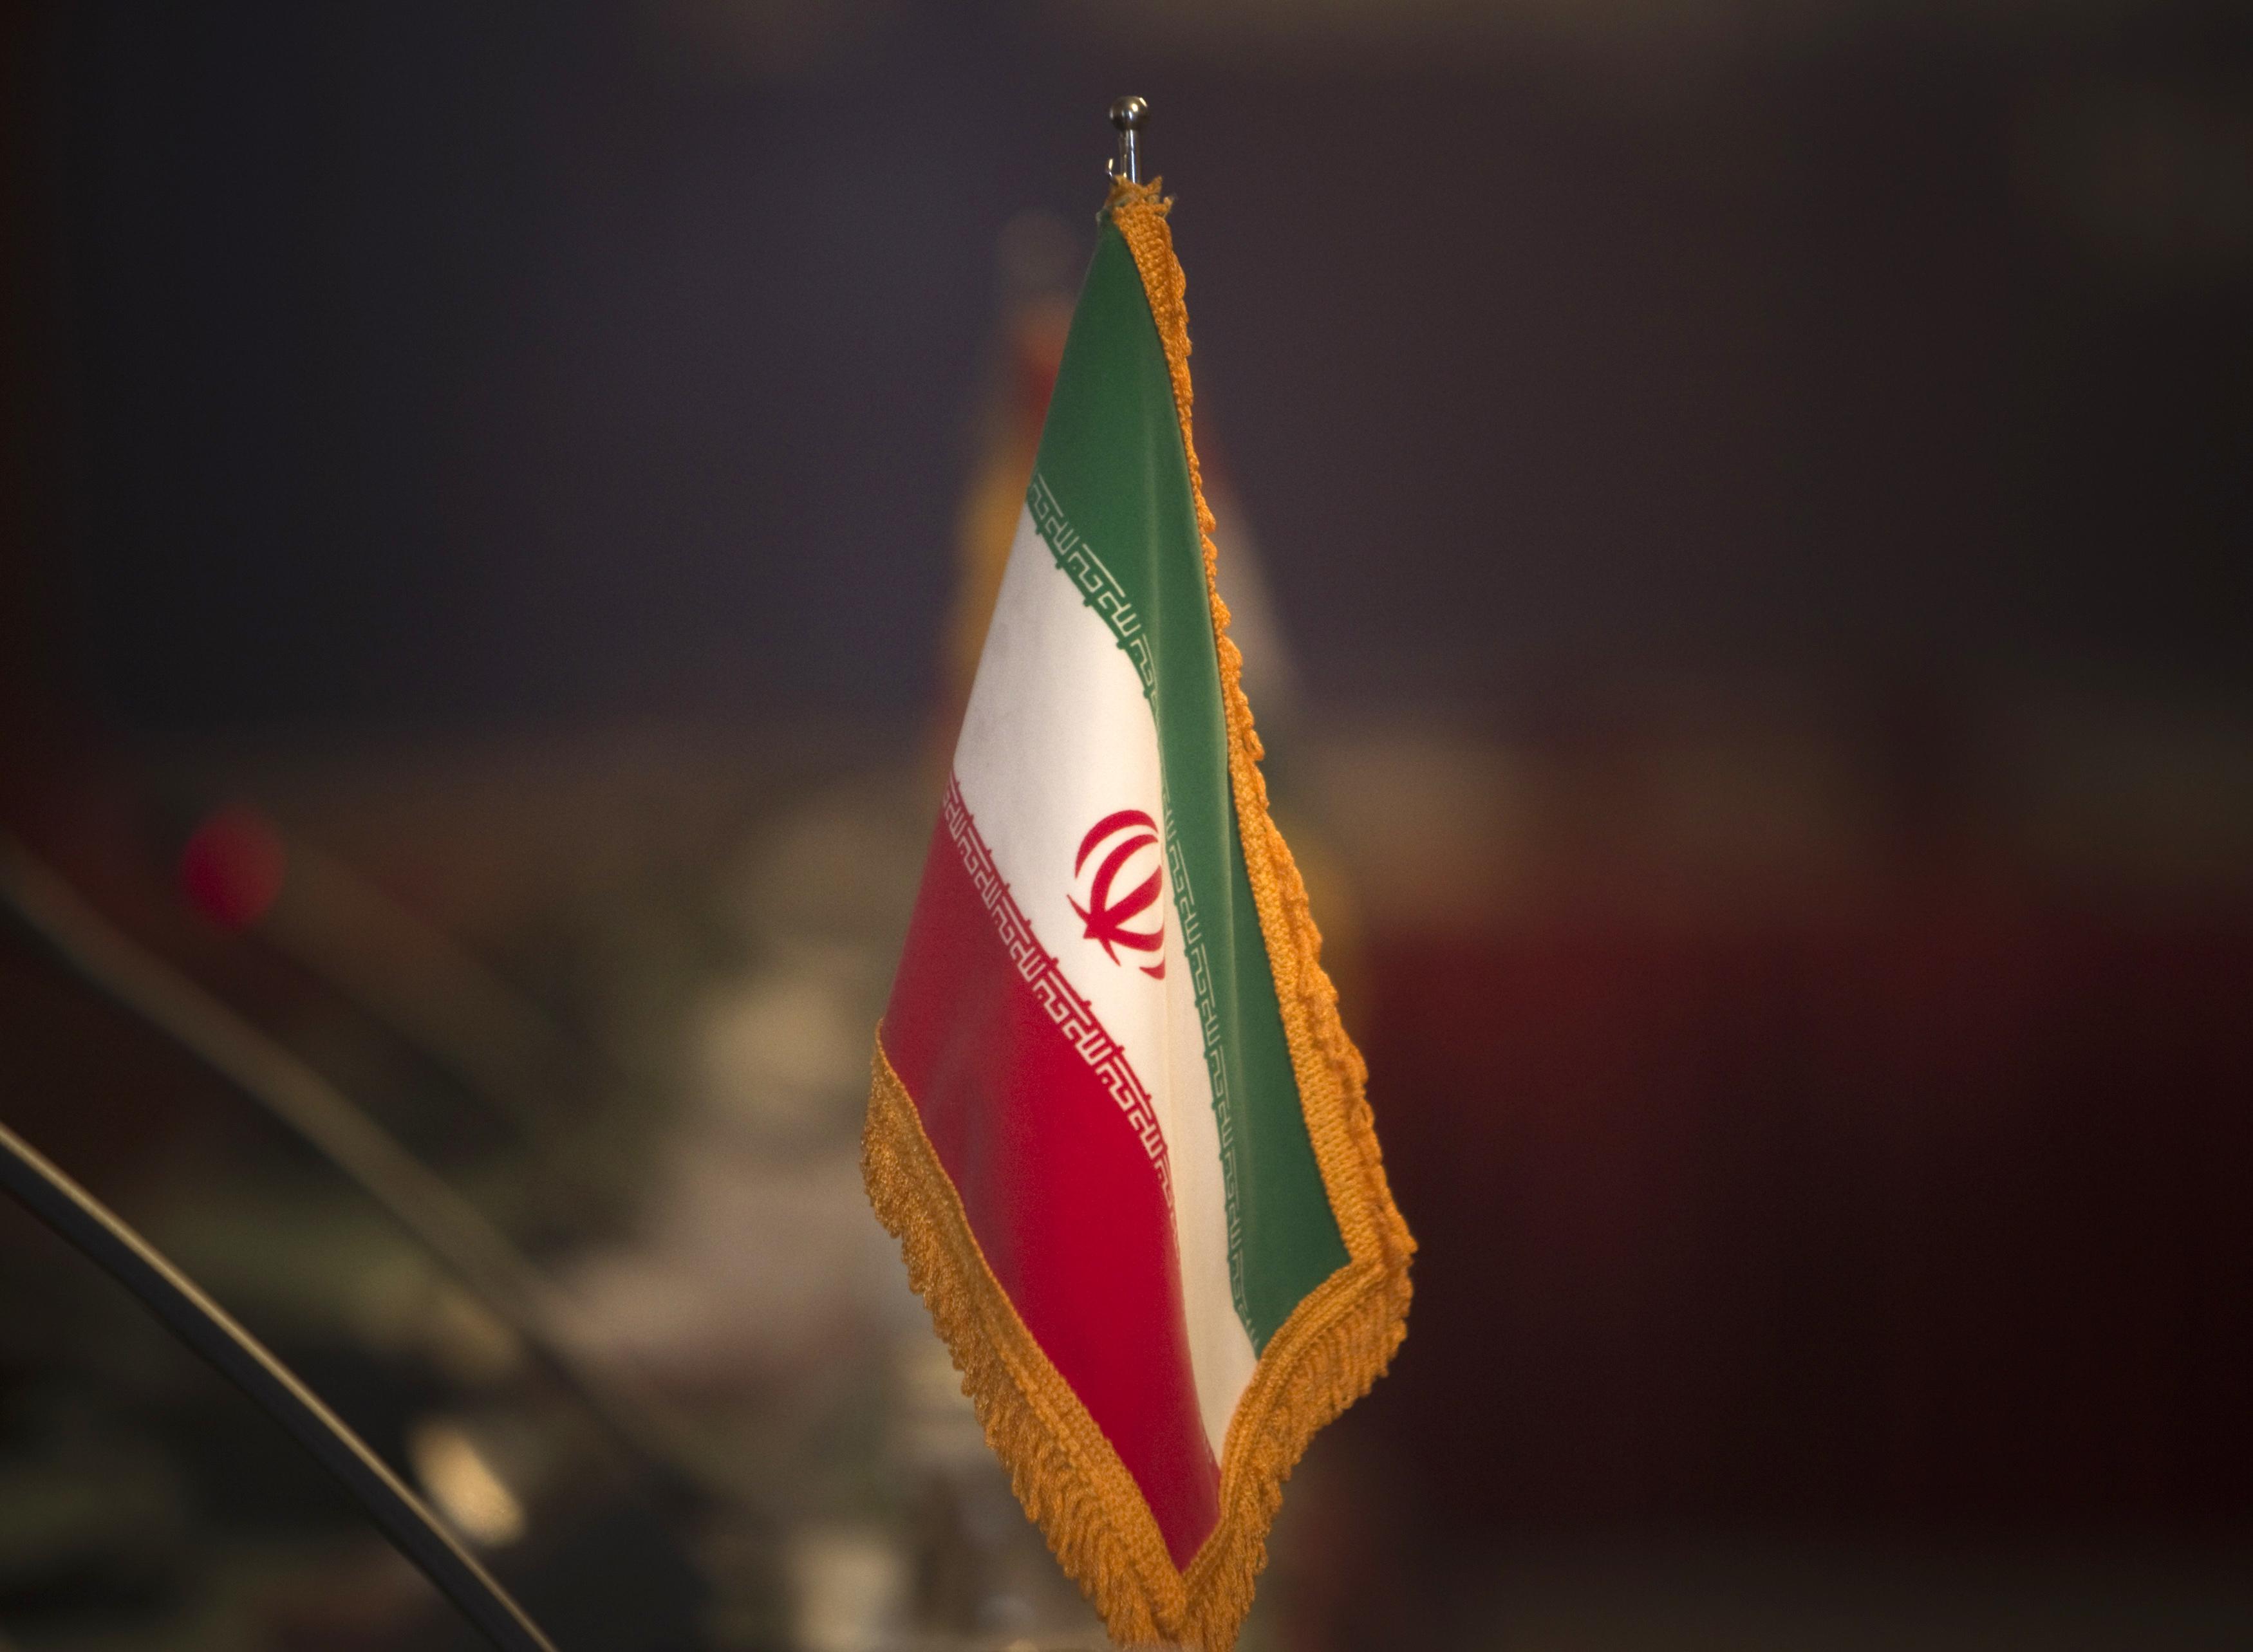 les-europeens-vont-durcir-leur-politique-iranienne-sans-aller-jusqu-au-retour-des-sanctions